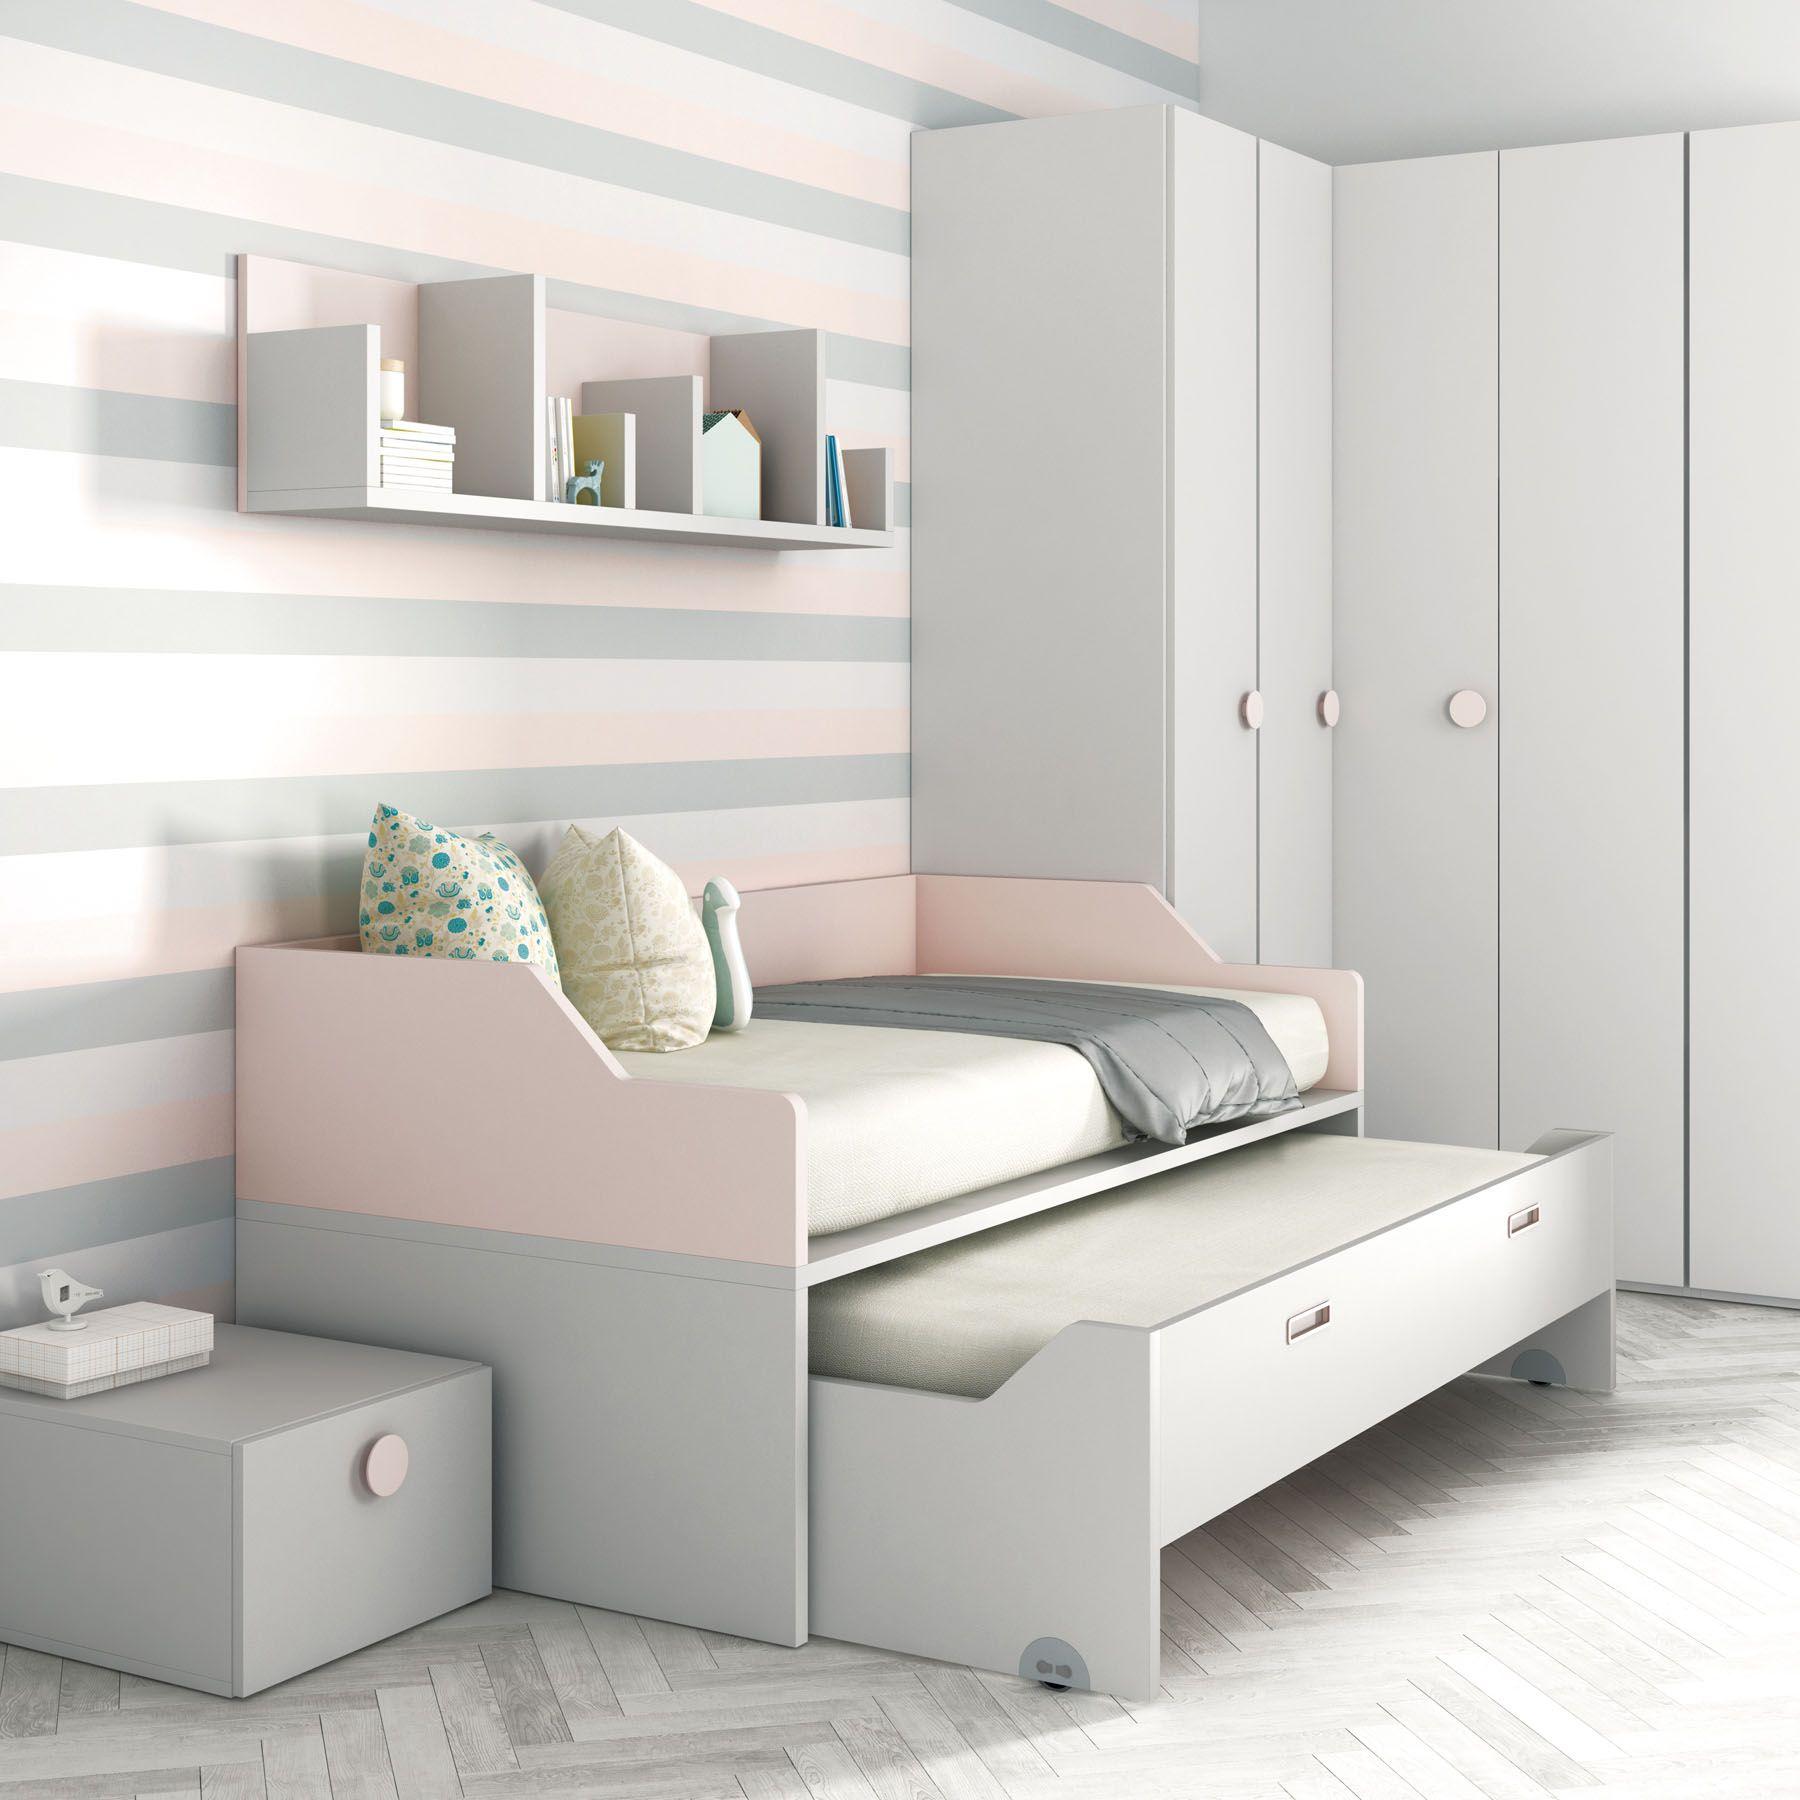 Cama Celina Definitiva 2 Cajones Asim Trico Color Igual Se Puede  # Muebles Hermanos Mora